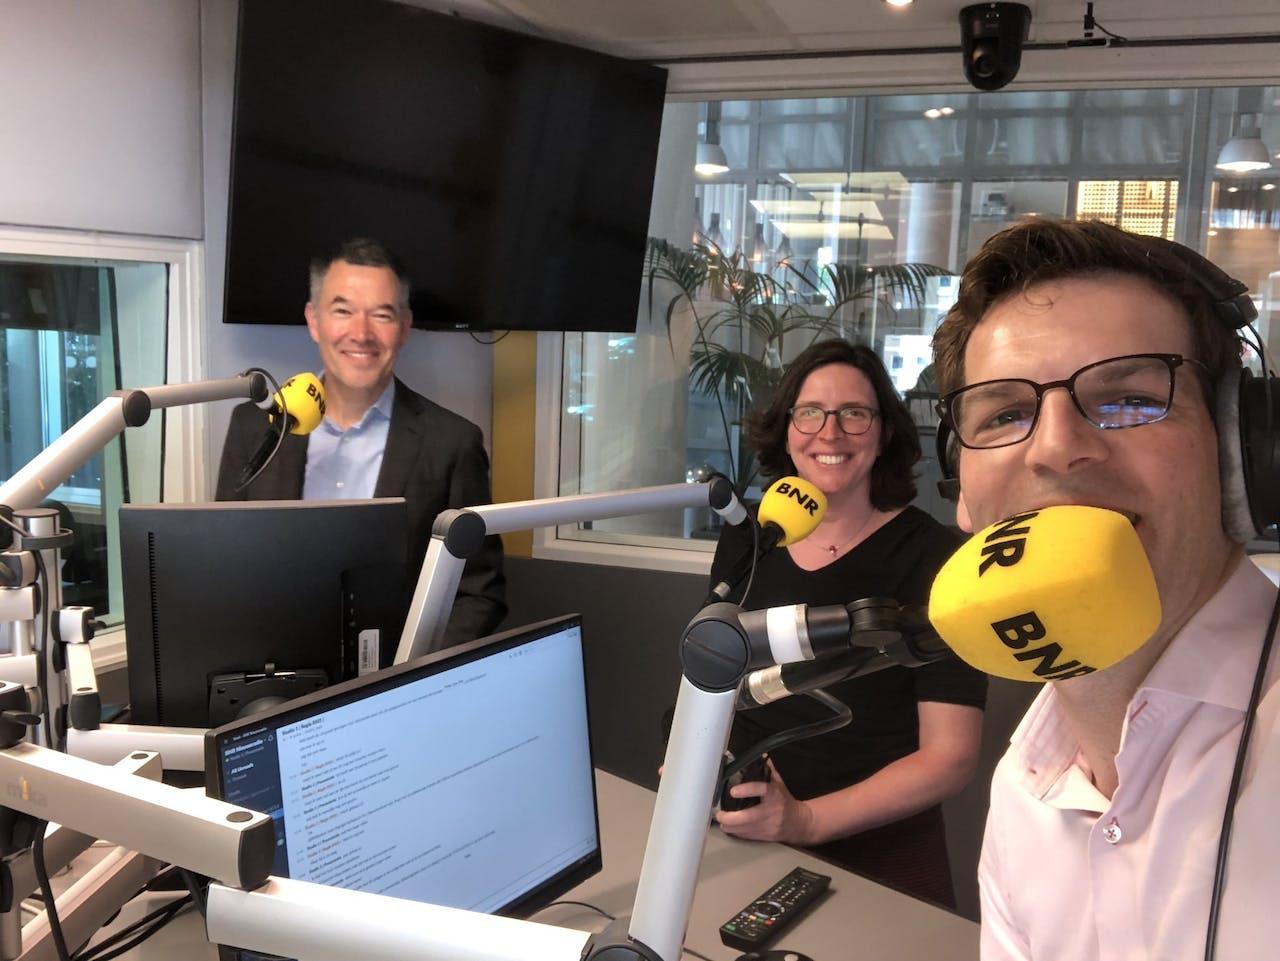 V.l.n.r.: Robbert Naus, Greet Leegwater en presentator Maarten Bouwhuis.